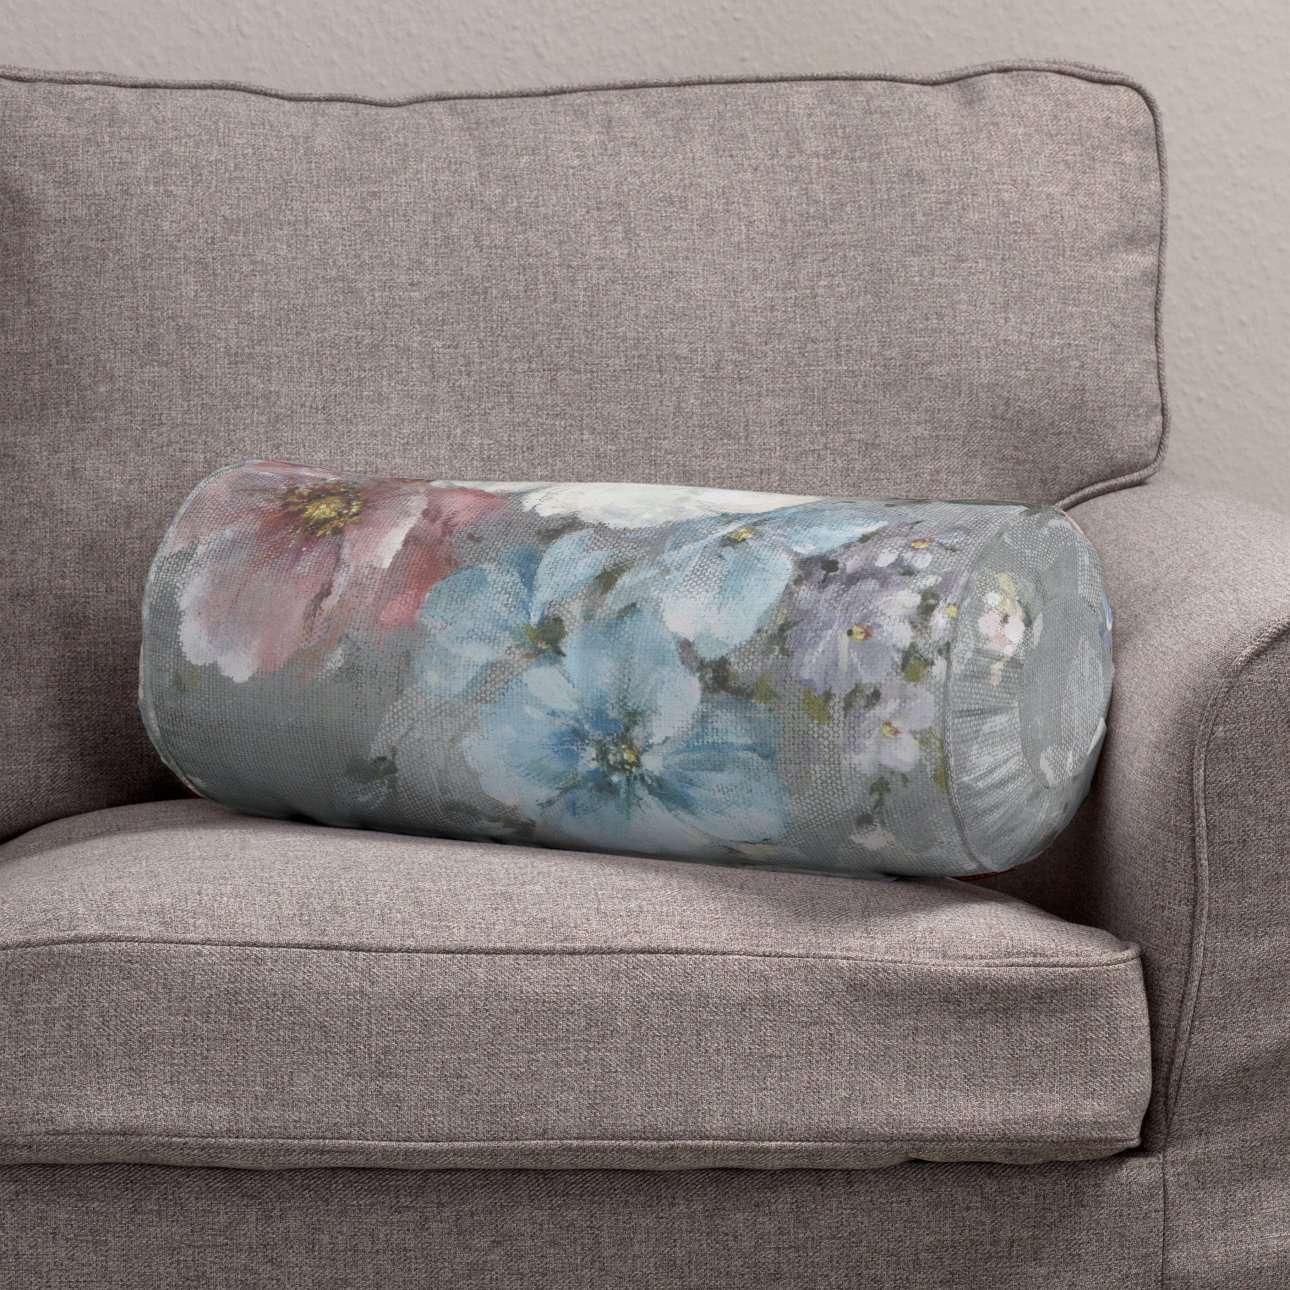 Nakkepute med folder fra kolleksjonen Monet , Stoffets bredde: 137-81